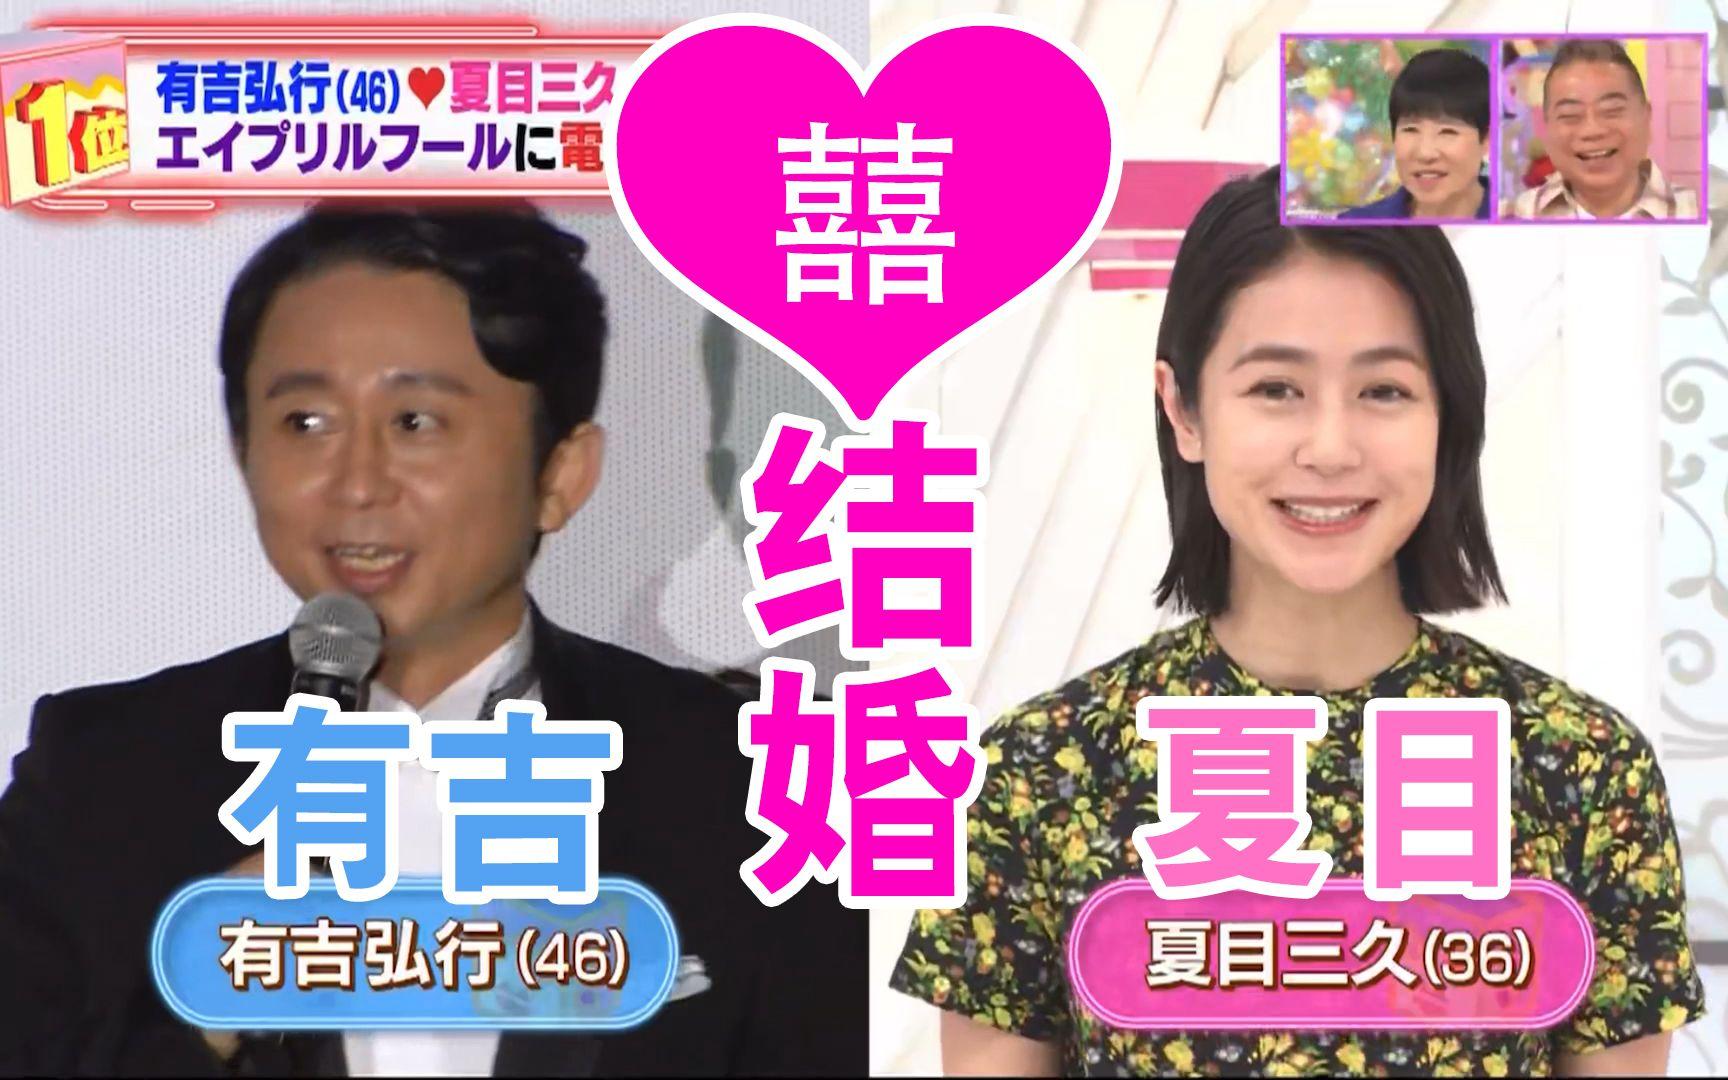 久 結婚 三 夏目 有吉弘行さんと夏目三久さんが結婚を発表